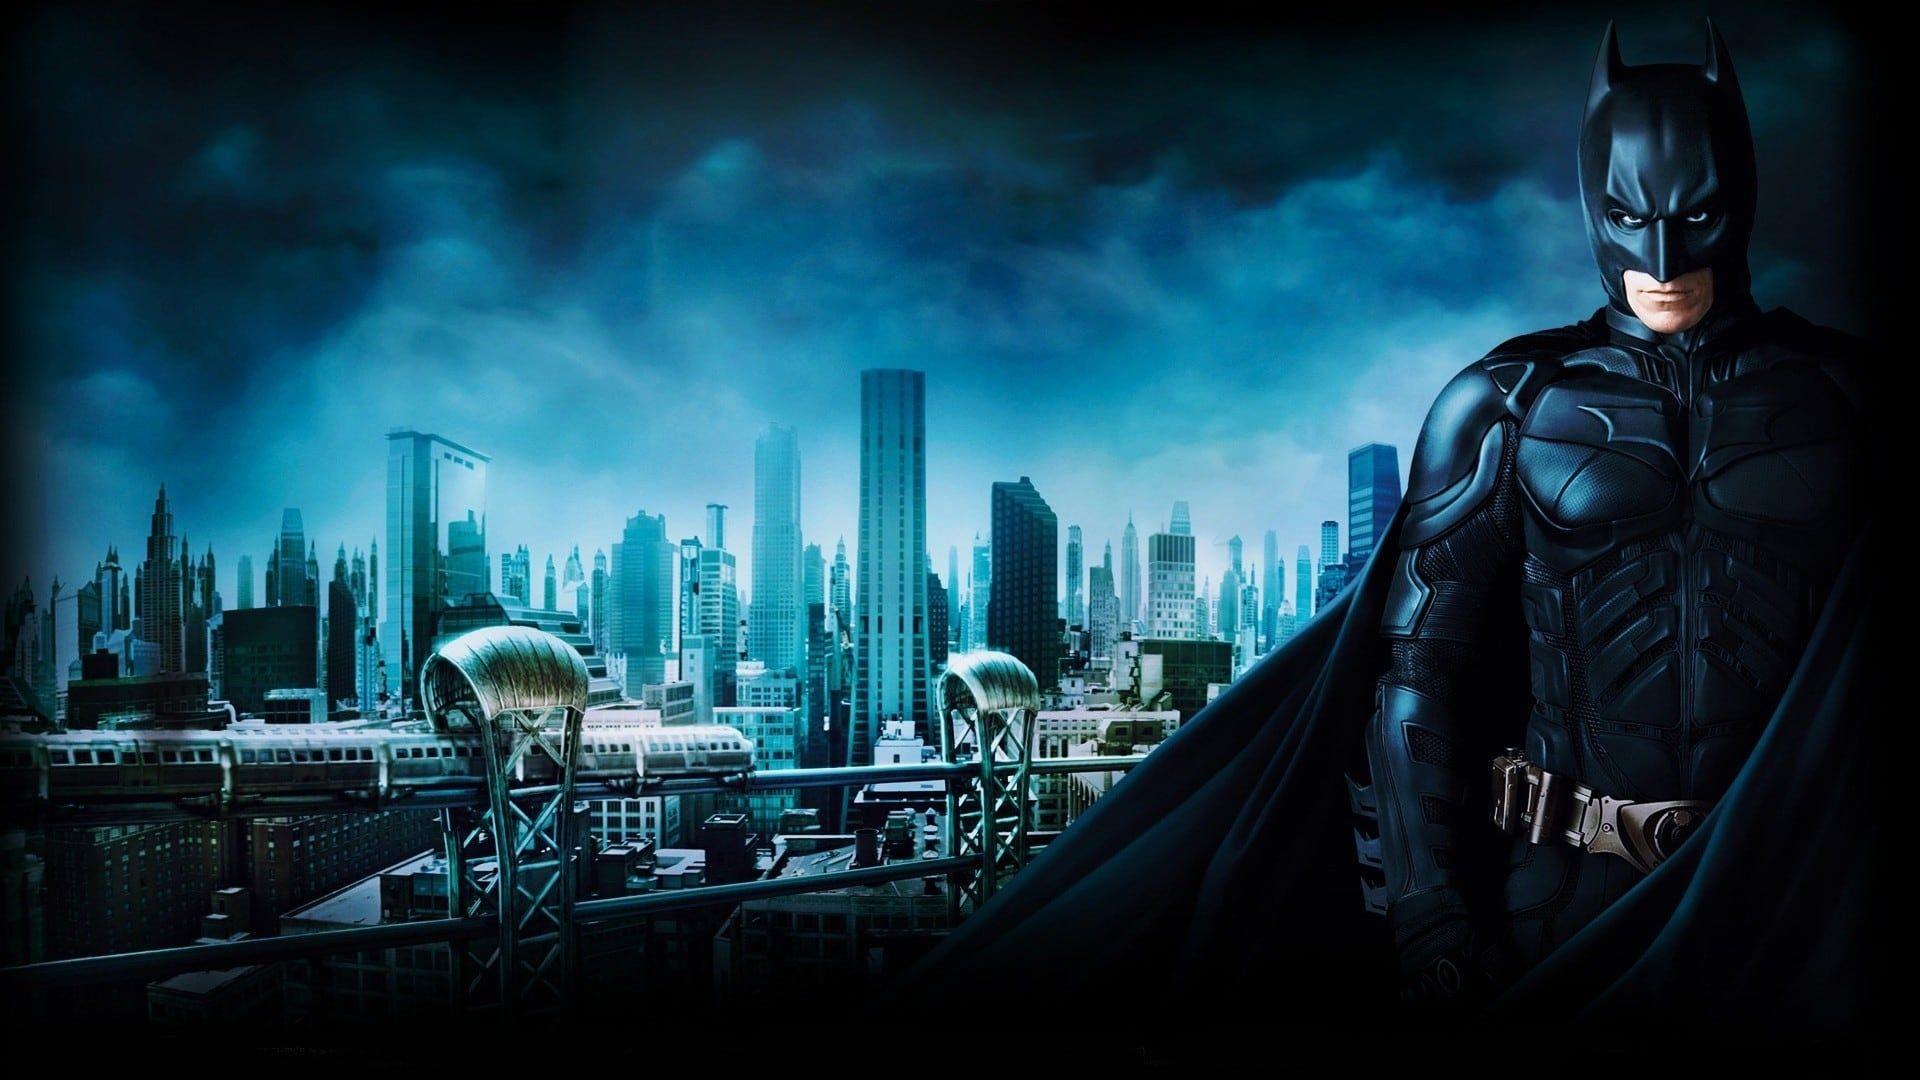 Bruce Wayne Figlio Di Un Illuminato Filantropo Di Gotham City Vede I Suoi Genitori Assassinati Da Un Rapinatore Incapace Di Gotham City Batman Begins Gotham